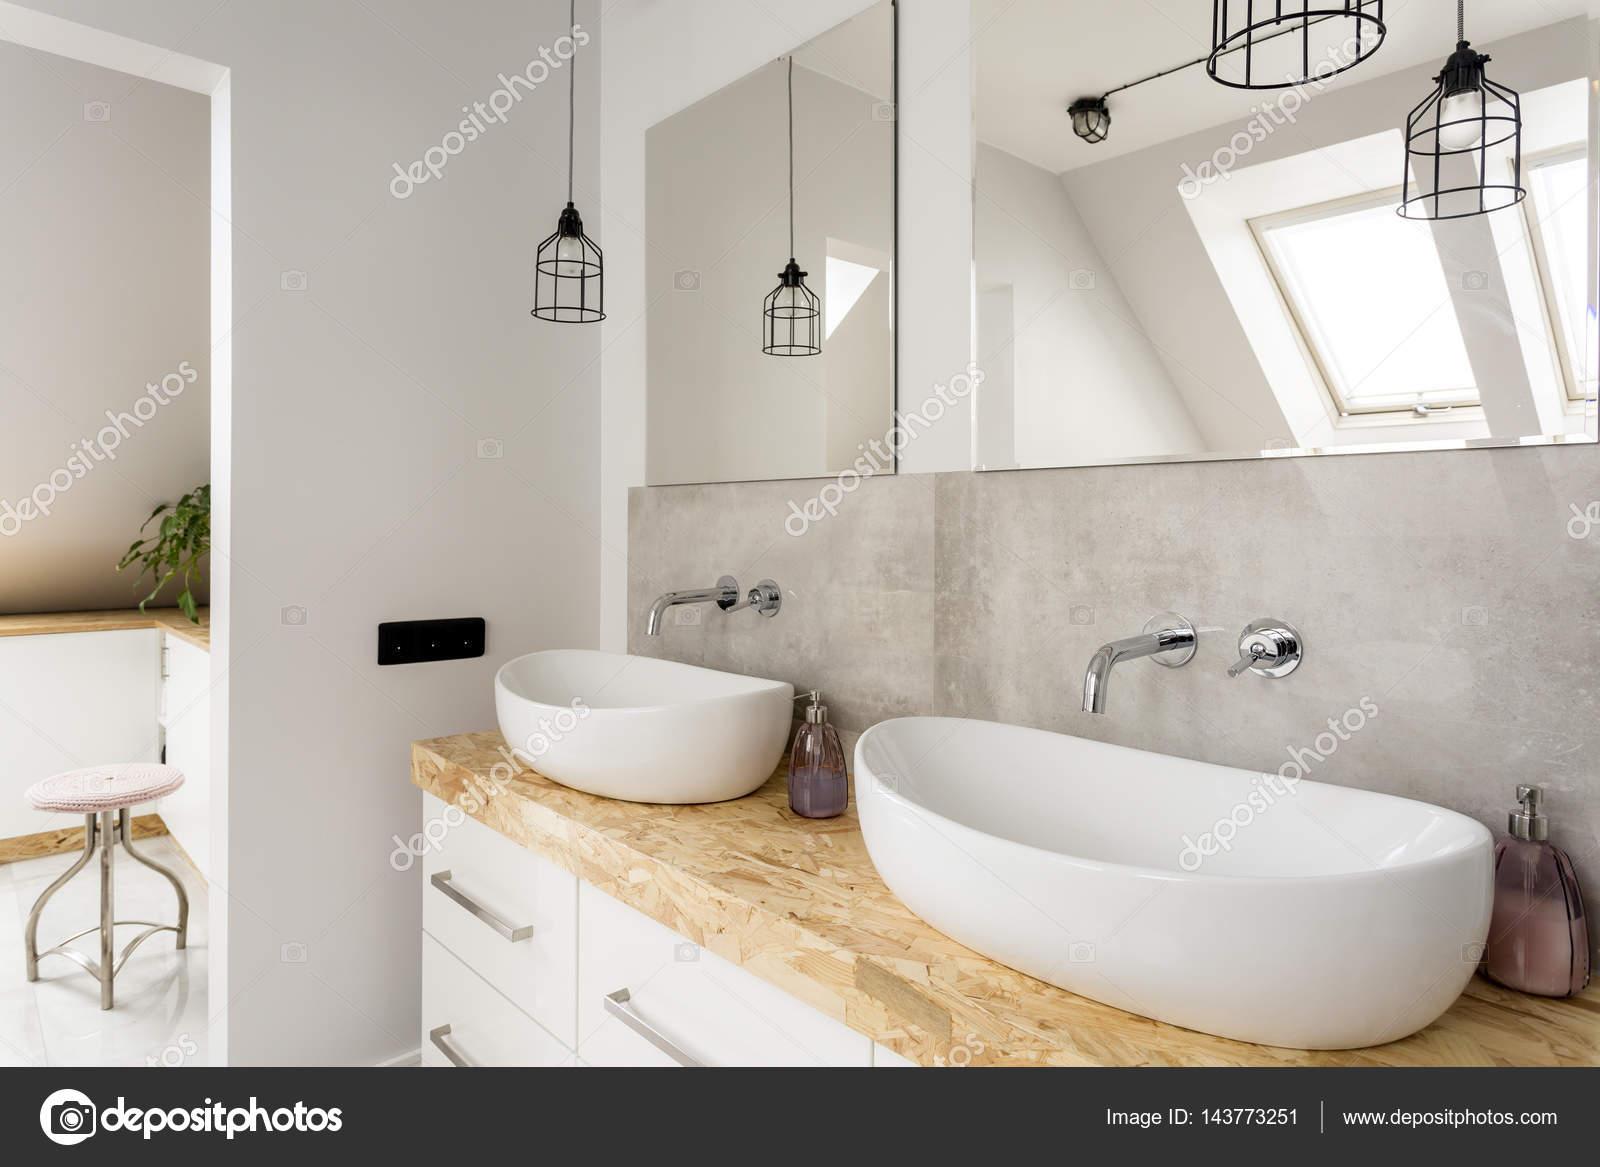 Minimalistyczna łazienka Z Dwoma Umywalkami Zdjęcie